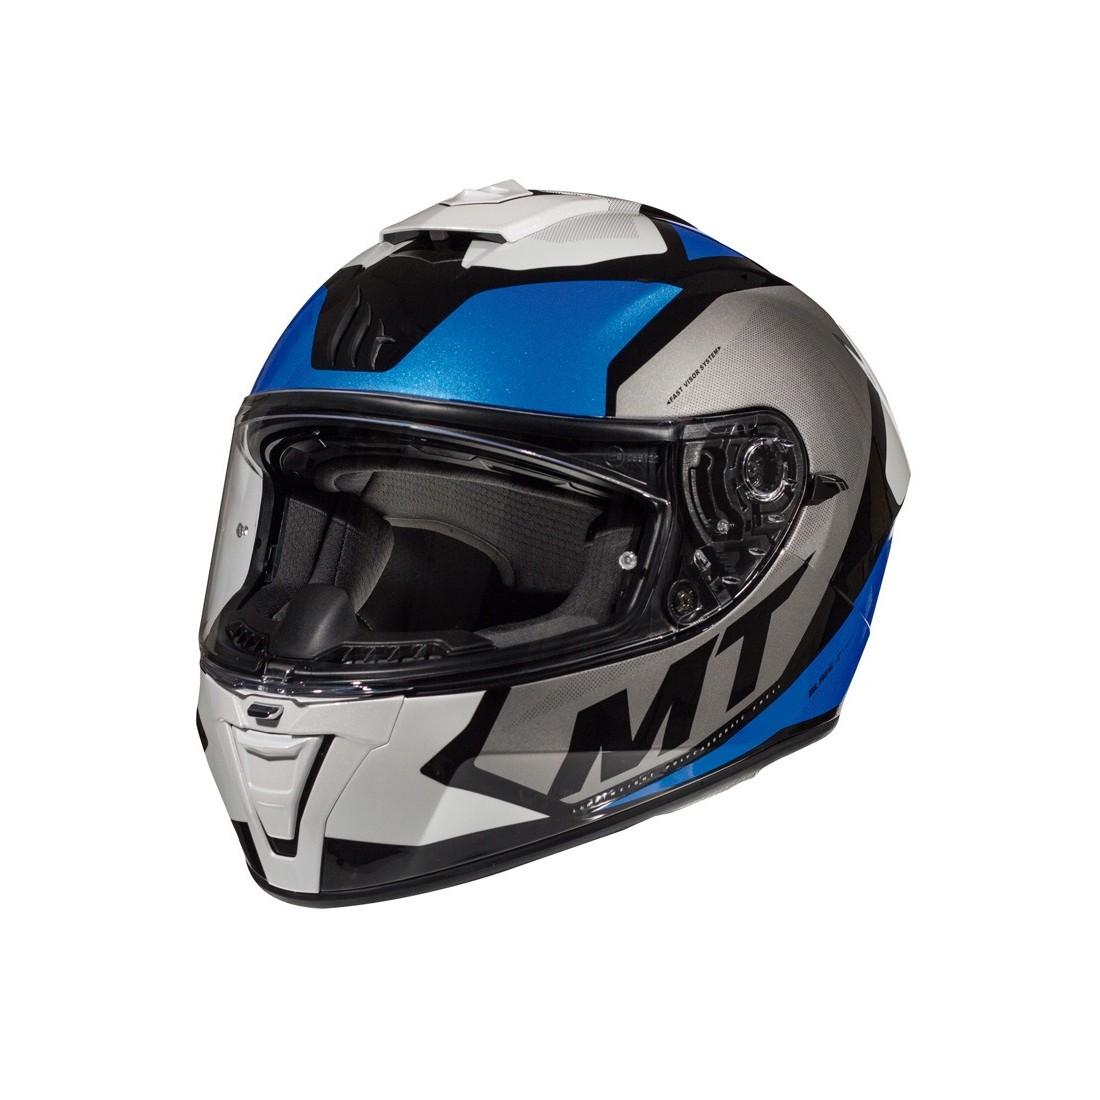 Casco MT FF107SV BLADE 2 SV TRICK C7 Azul Perla Brillo TALLA CASCO XS